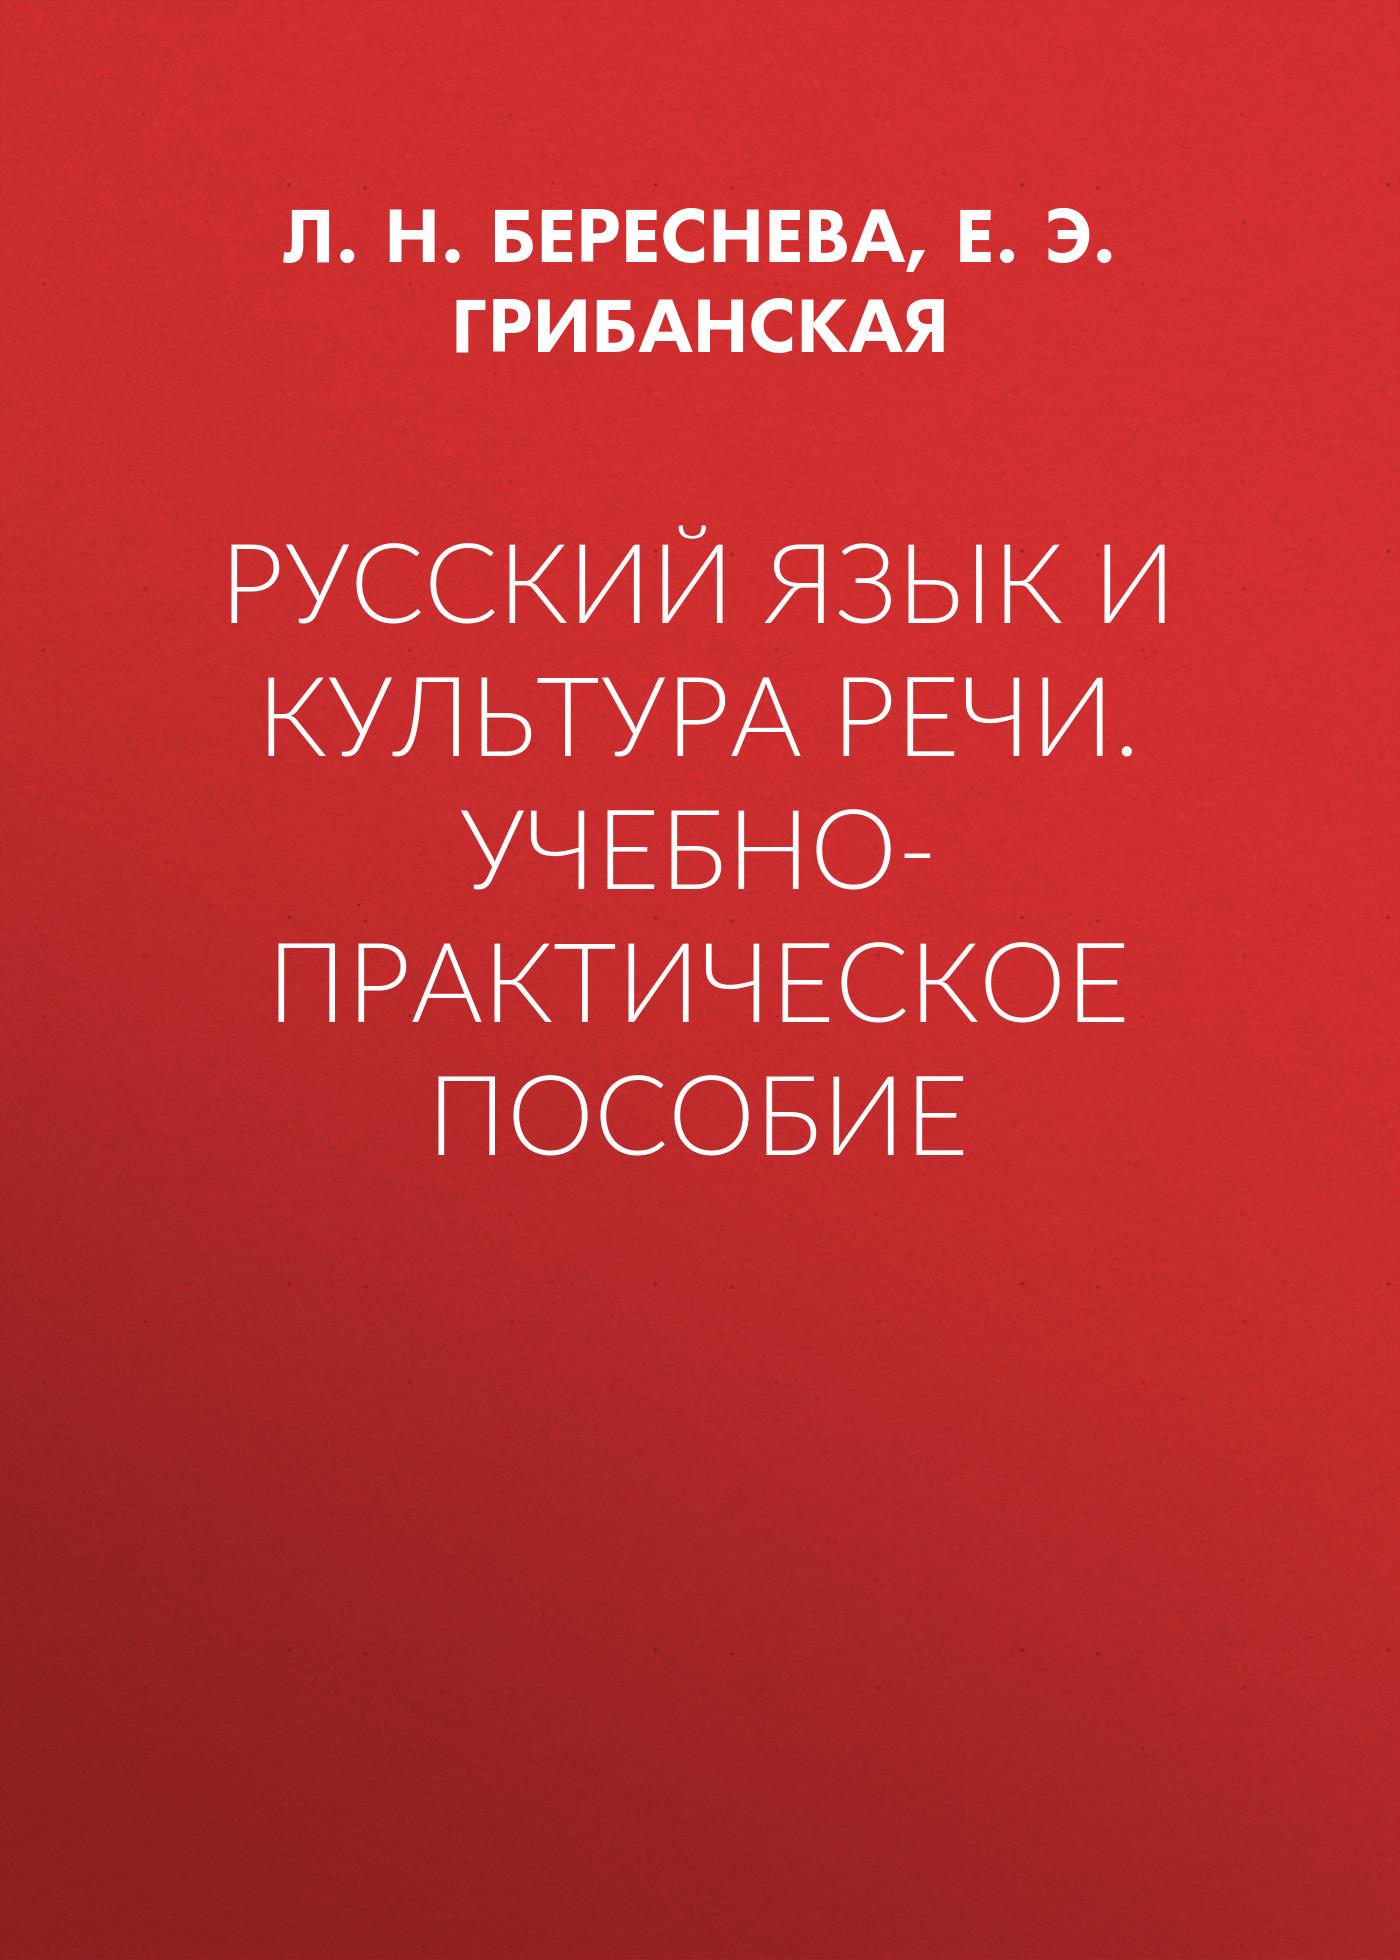 Е. Э. Грибанская Русский язык и культура речи. Учебно-практическое пособие встраиваемый холодильник liebherr icus 3324 белый